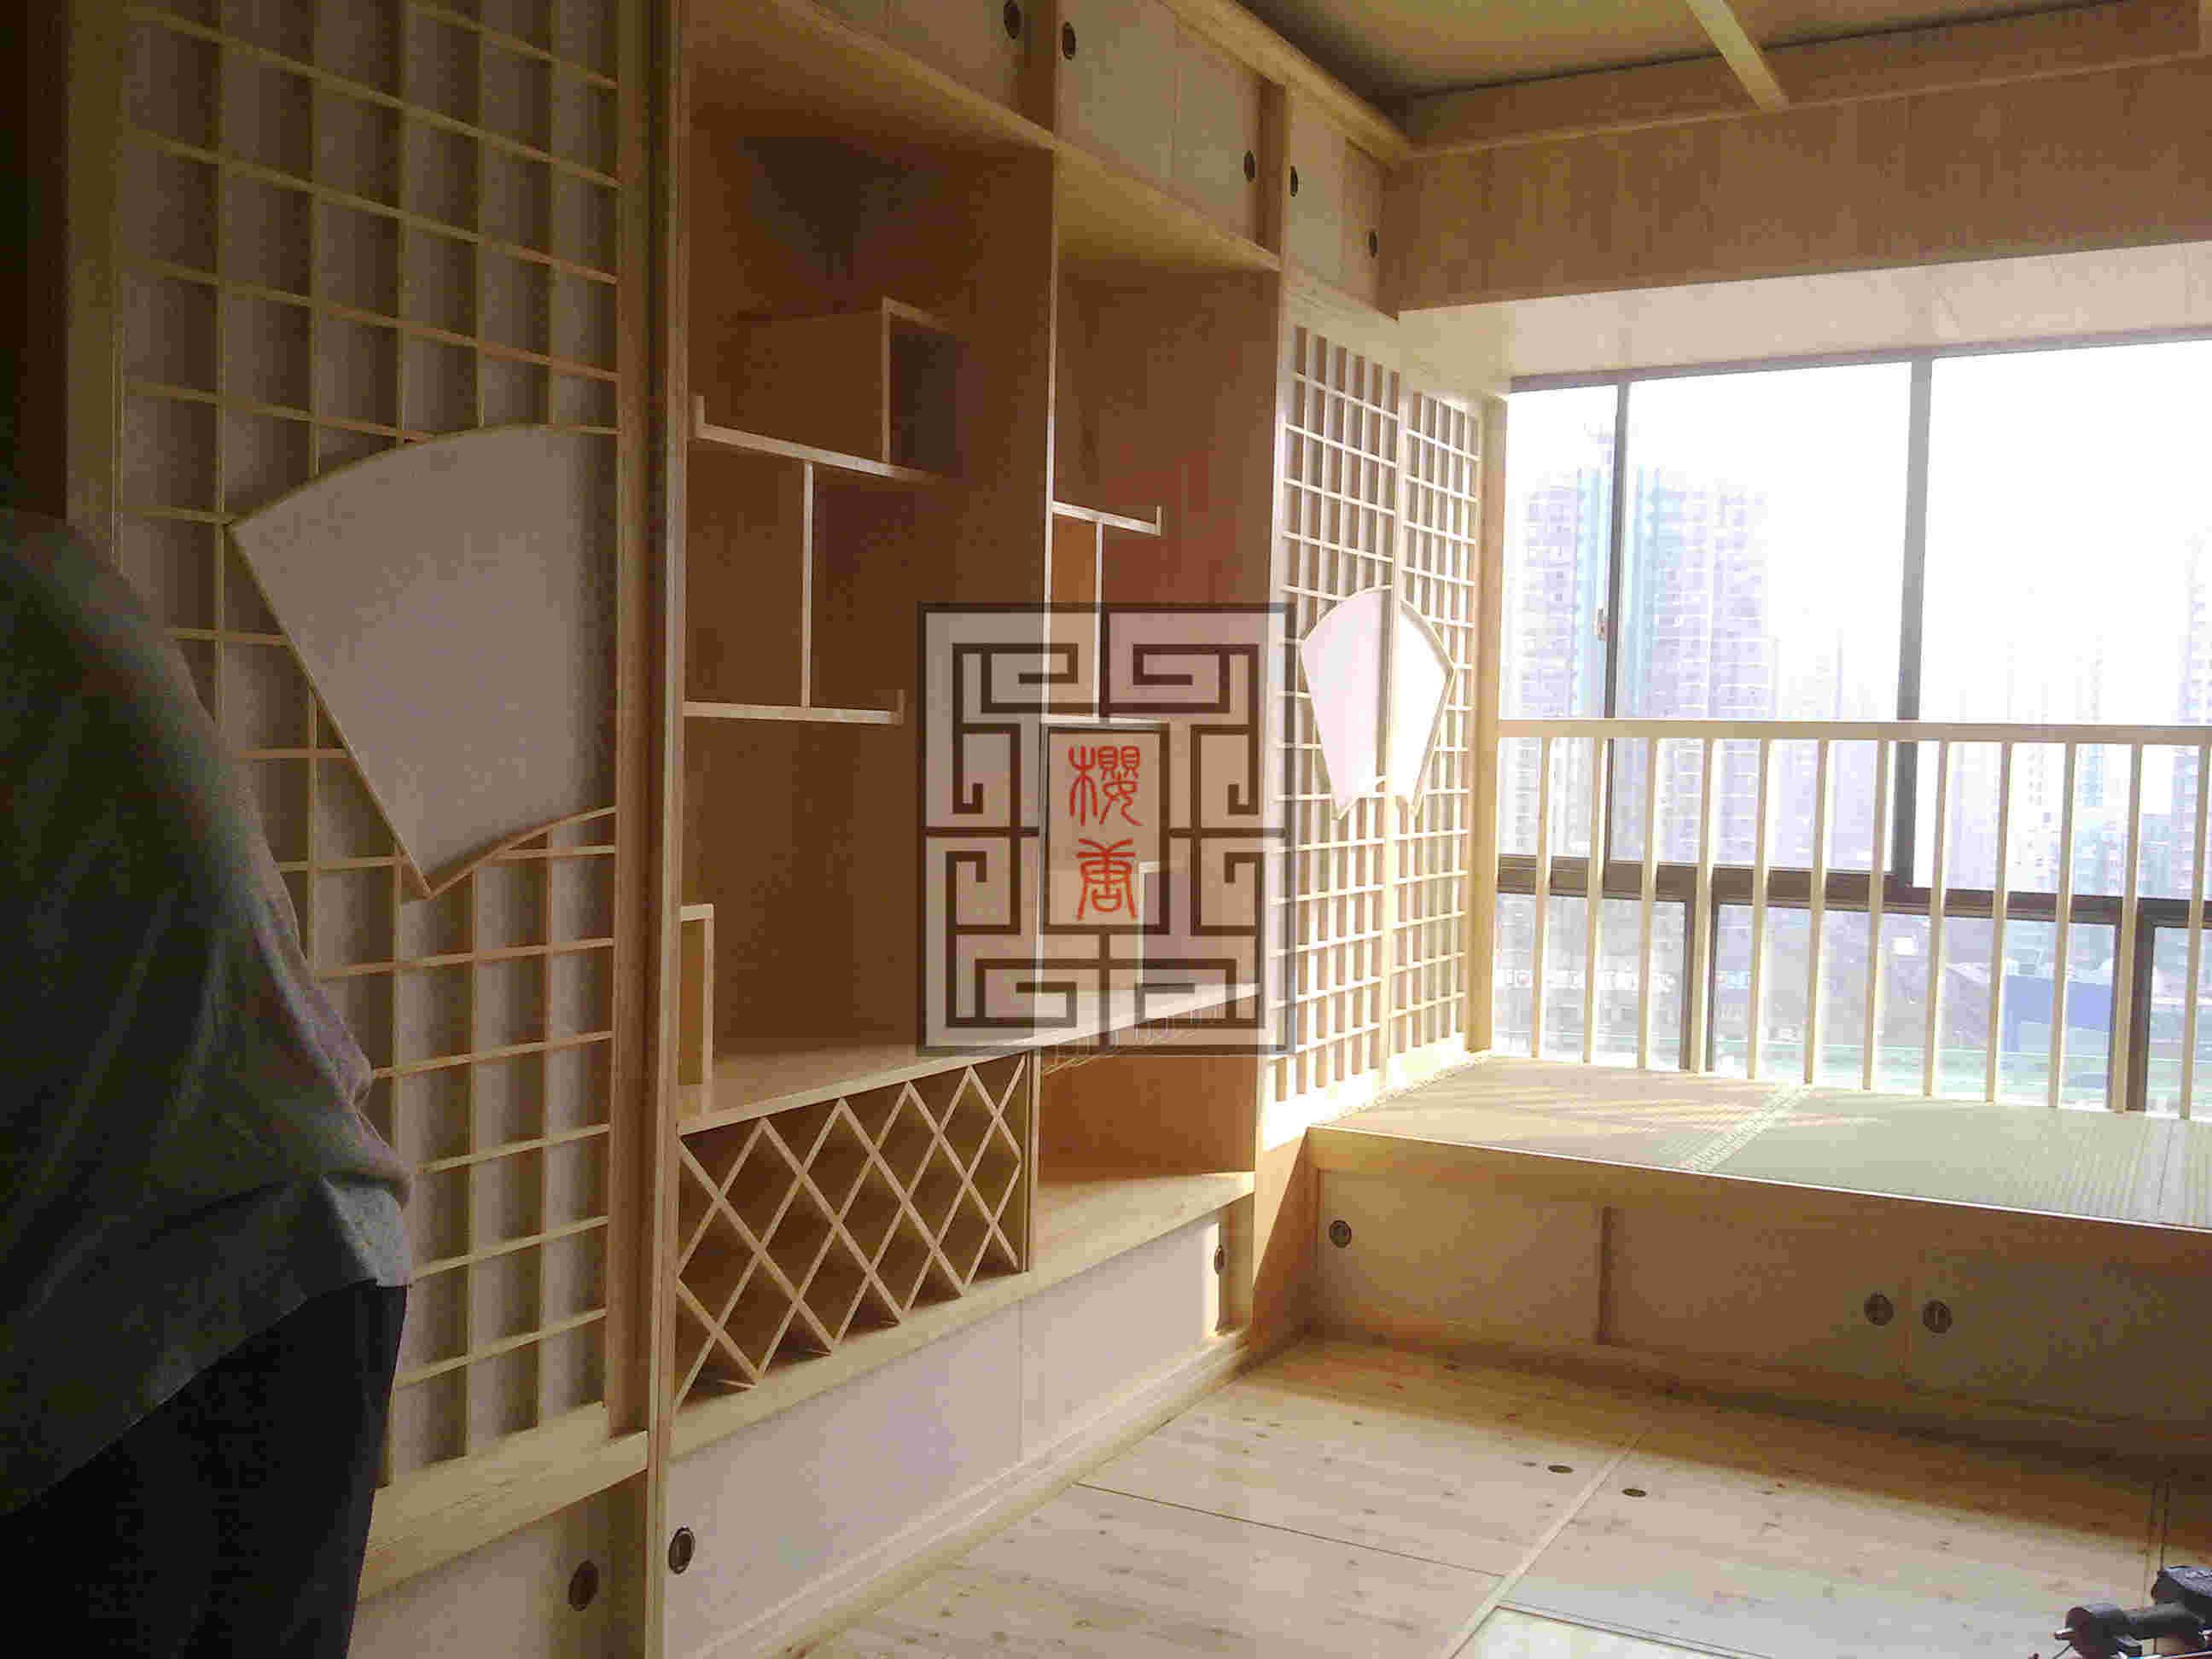 湿打打的汗水打湿了榻榻米日本三级片_日式榻榻米装修图